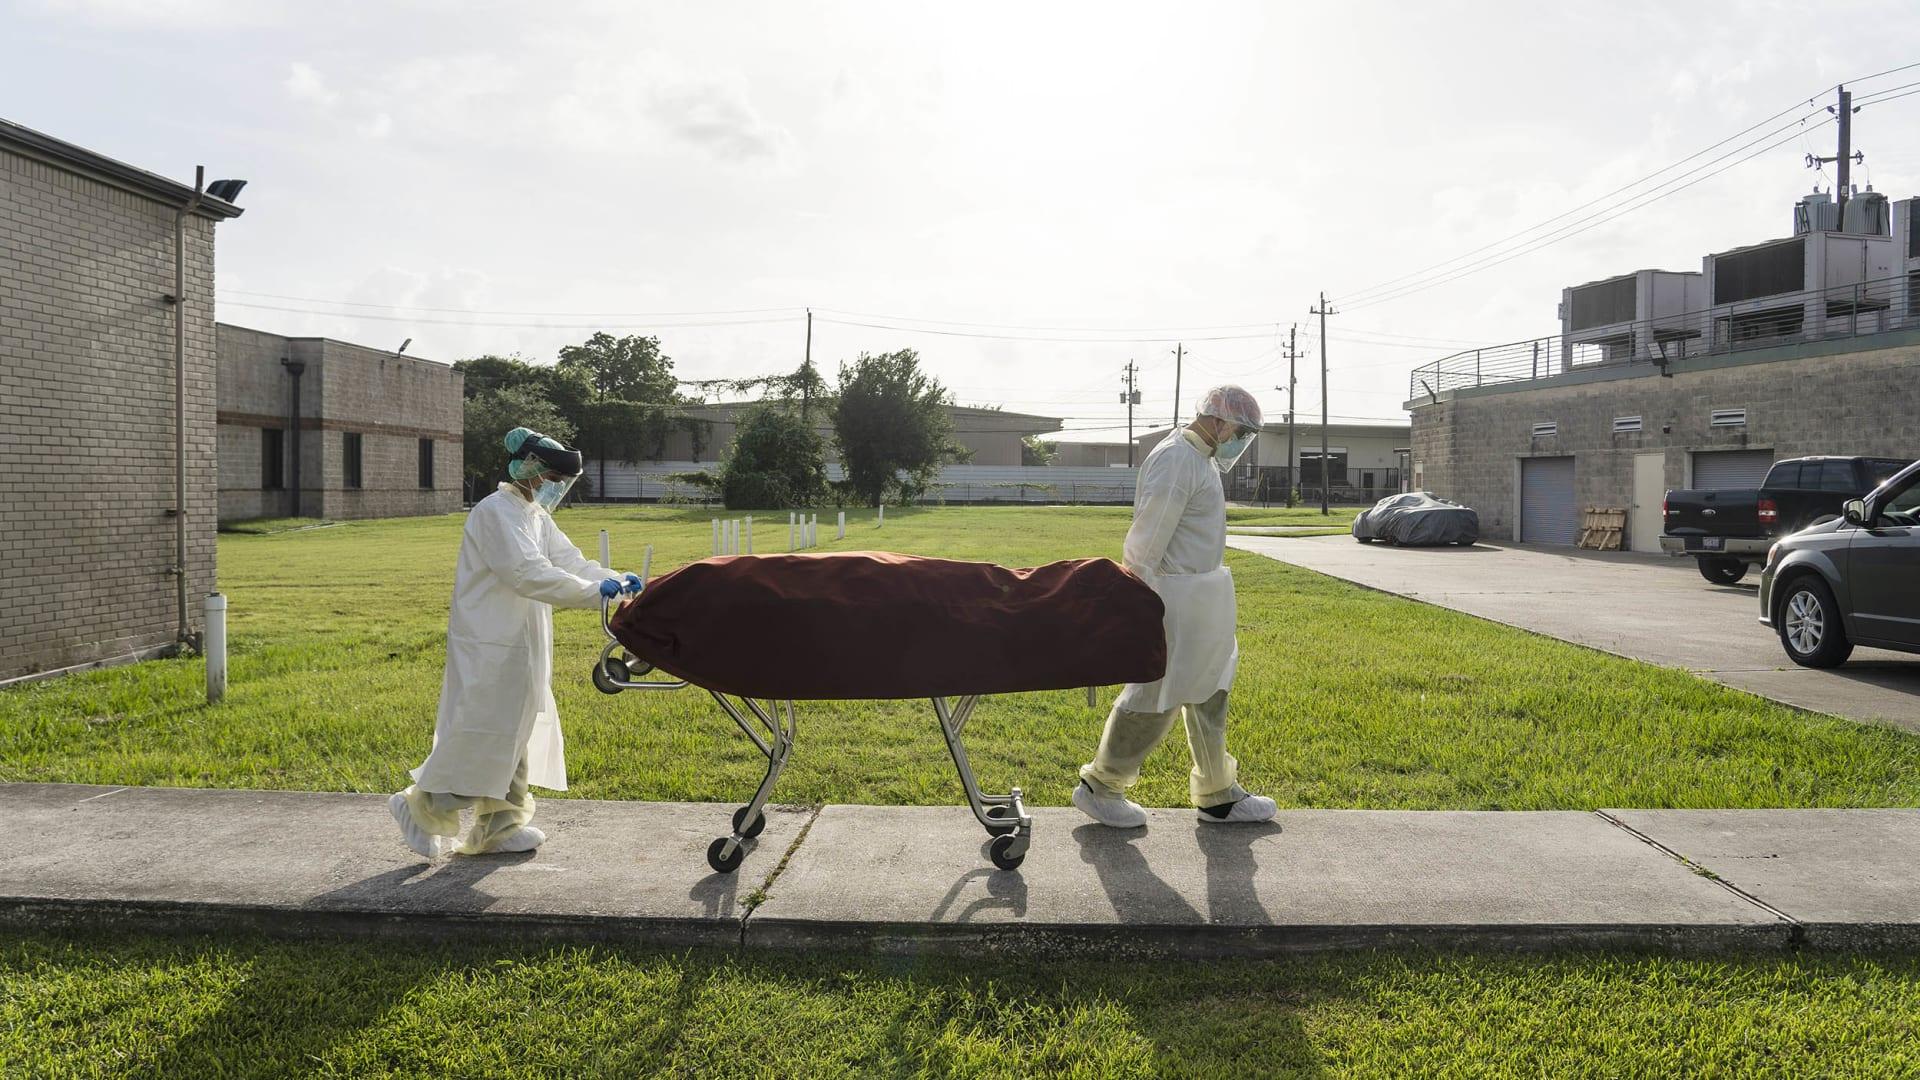 مراكز السيطرة على الأمراض تحذر من زيادة إصابات كورونا بين الأفراد دون 25 عاما